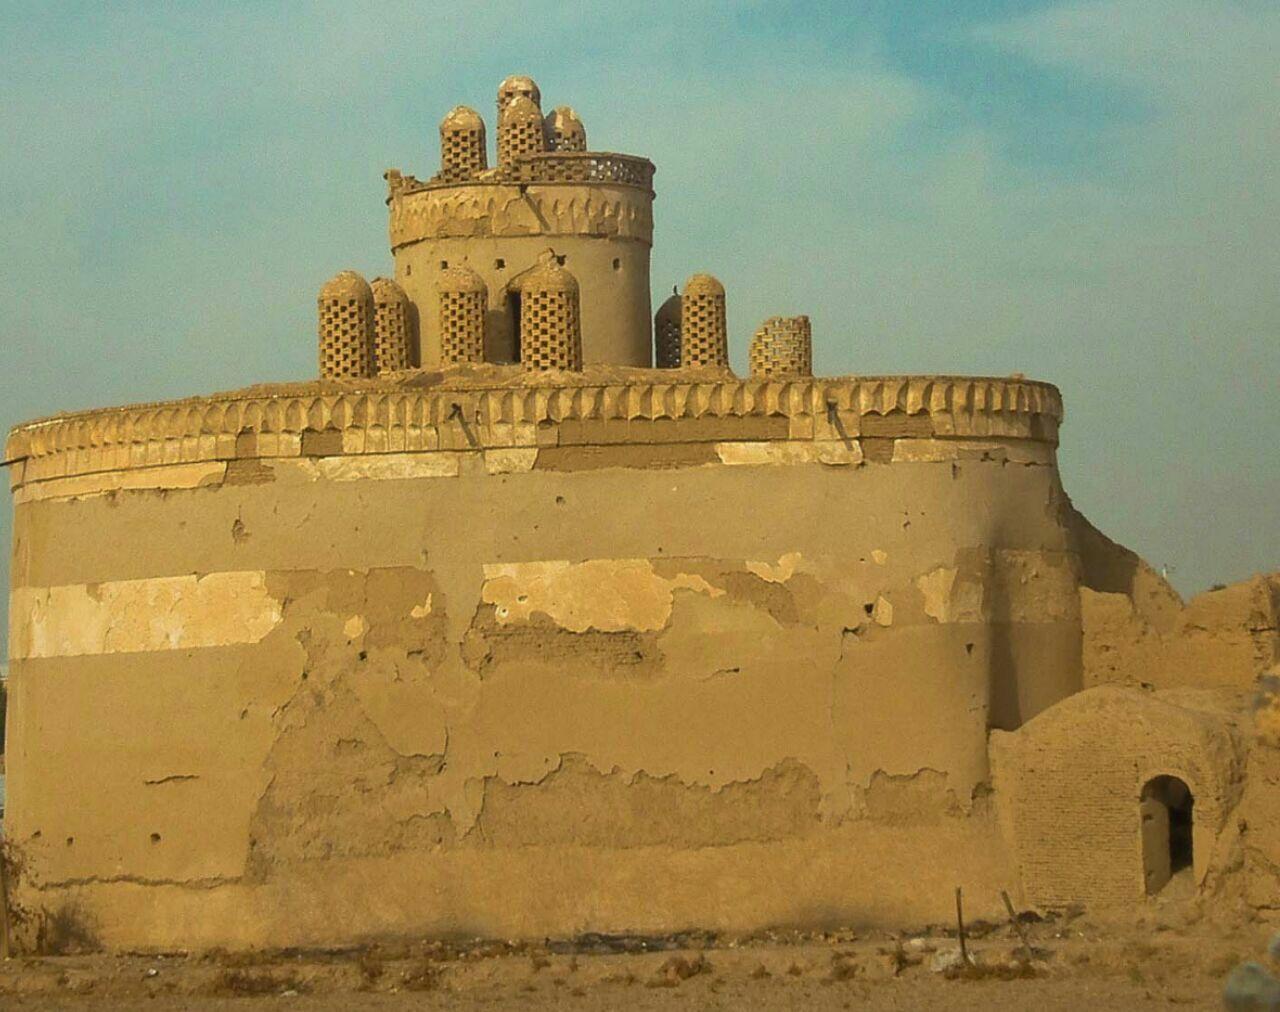 آزاد سازی حریم برج تاریخی کبوترخانه چهاربرج بخش پیربکران